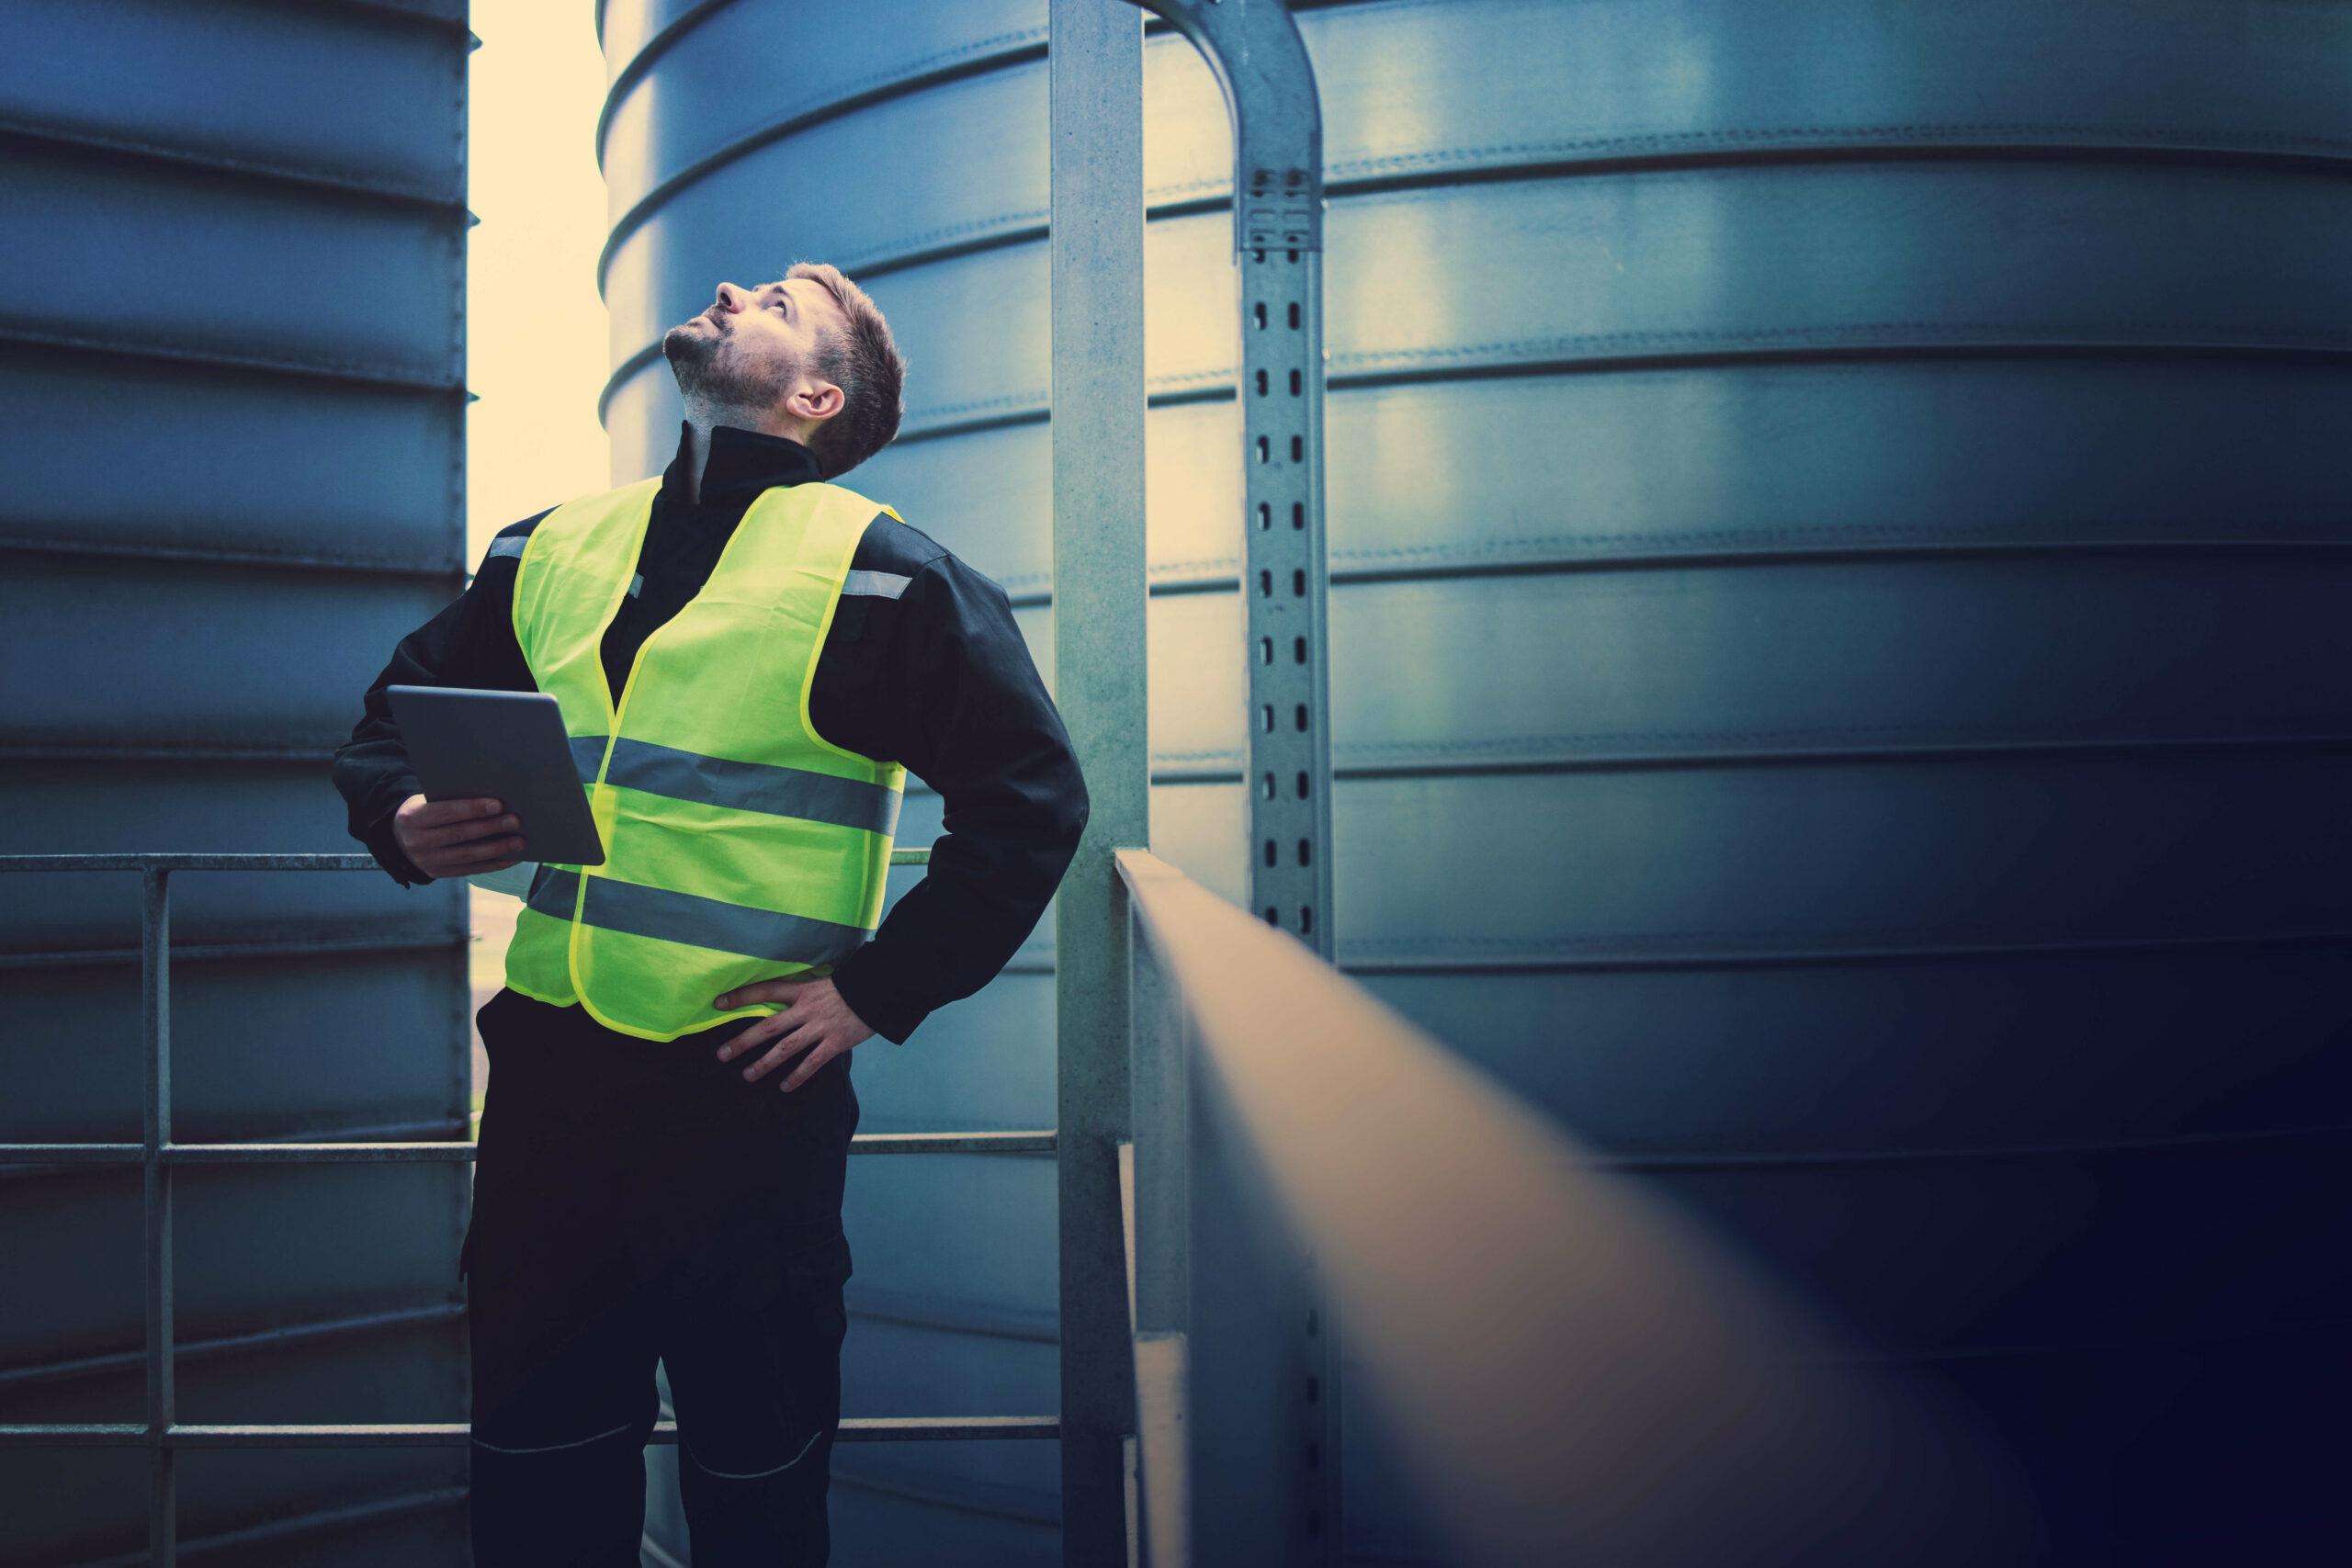 InfleXsys et HOLIS Consulting annoncent la création de Simesys, éditeur de logiciel d'inspection et de maintenance d'infrastructure industrielle